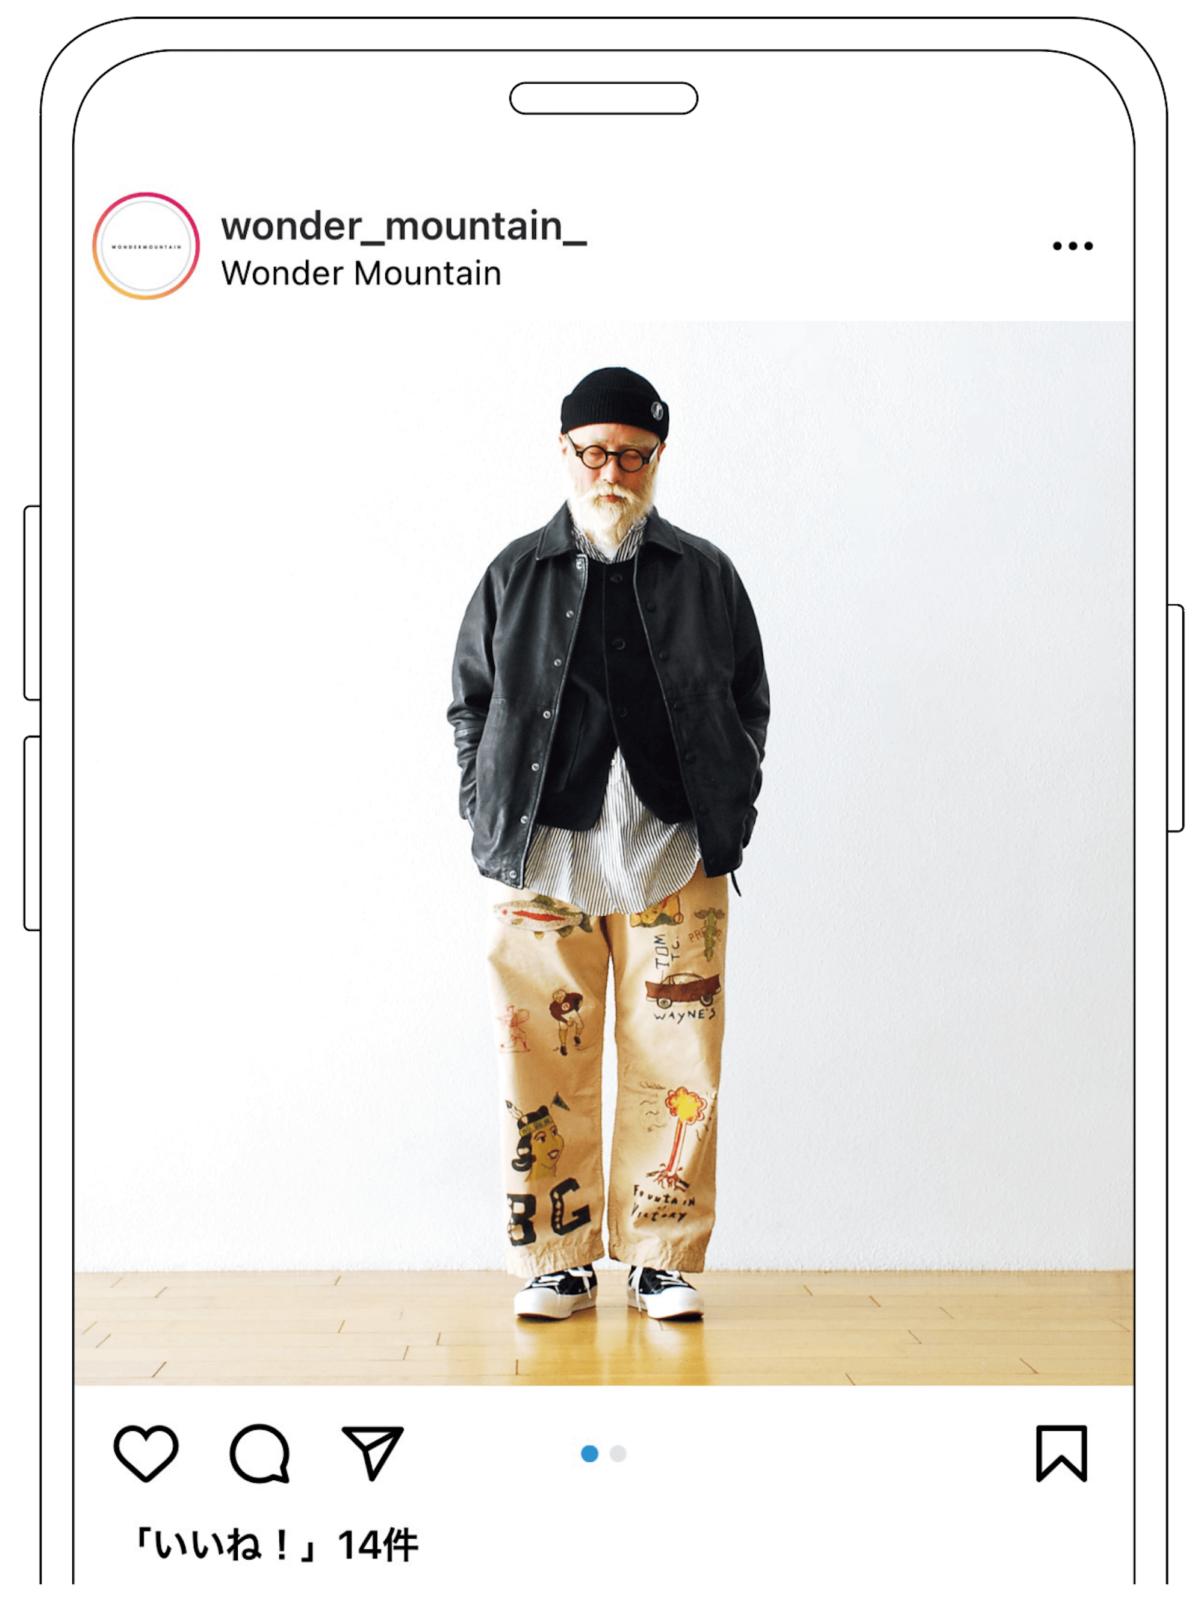 広島/Wonder Mountain インスタ